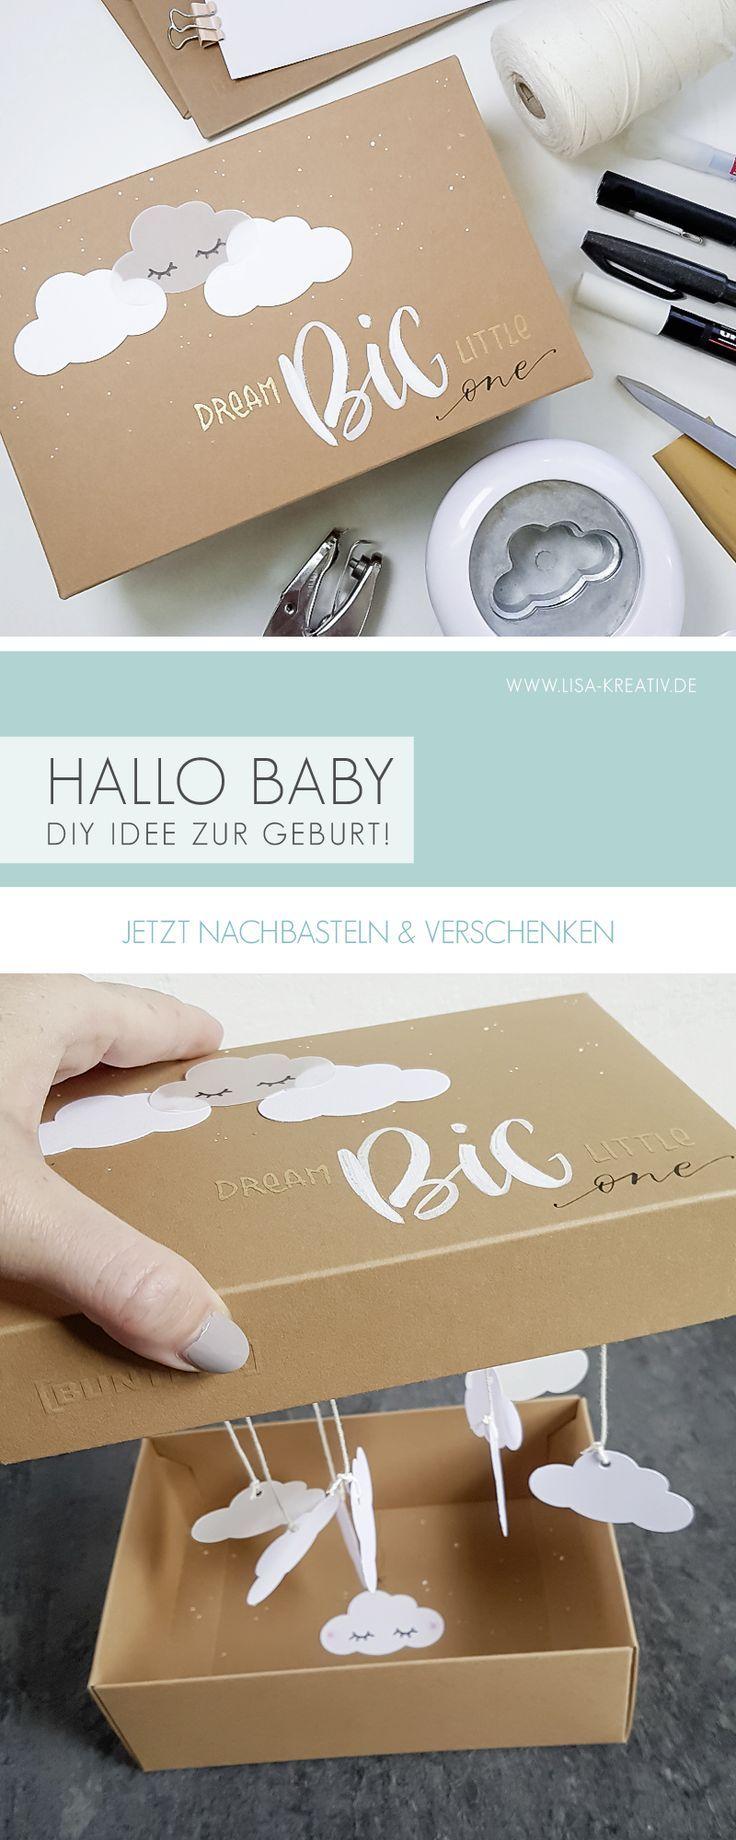 Geschenk-Box zur Geburt! Schnell und einfach selb…